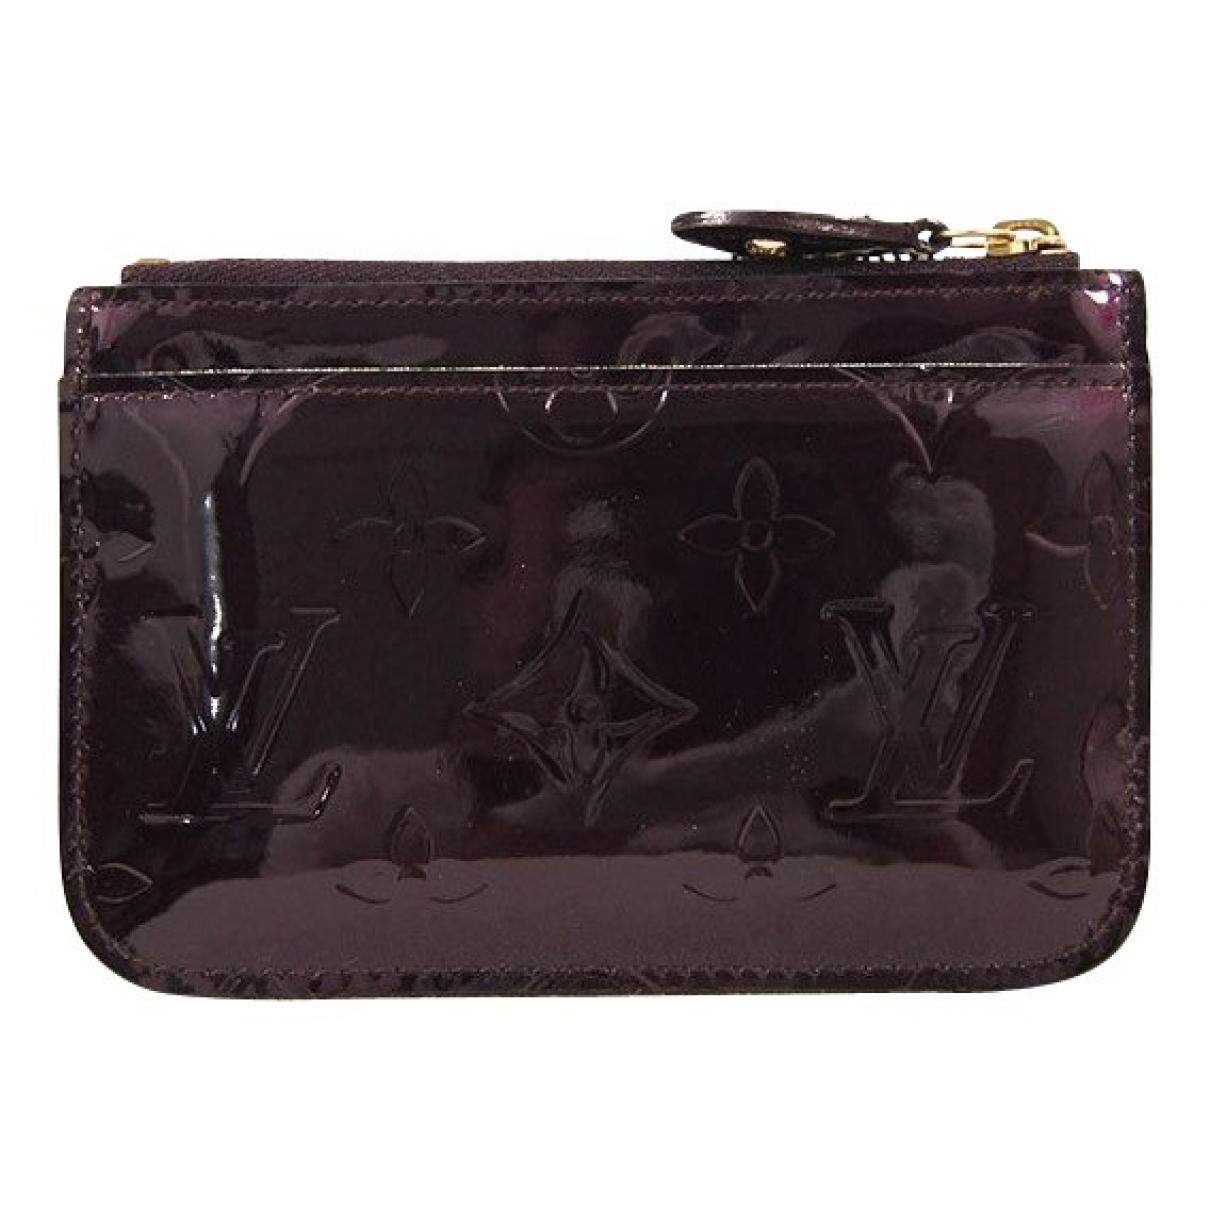 Louis Vuitton - Petite maroquinerie   pour femme en cuir verni - bordeaux